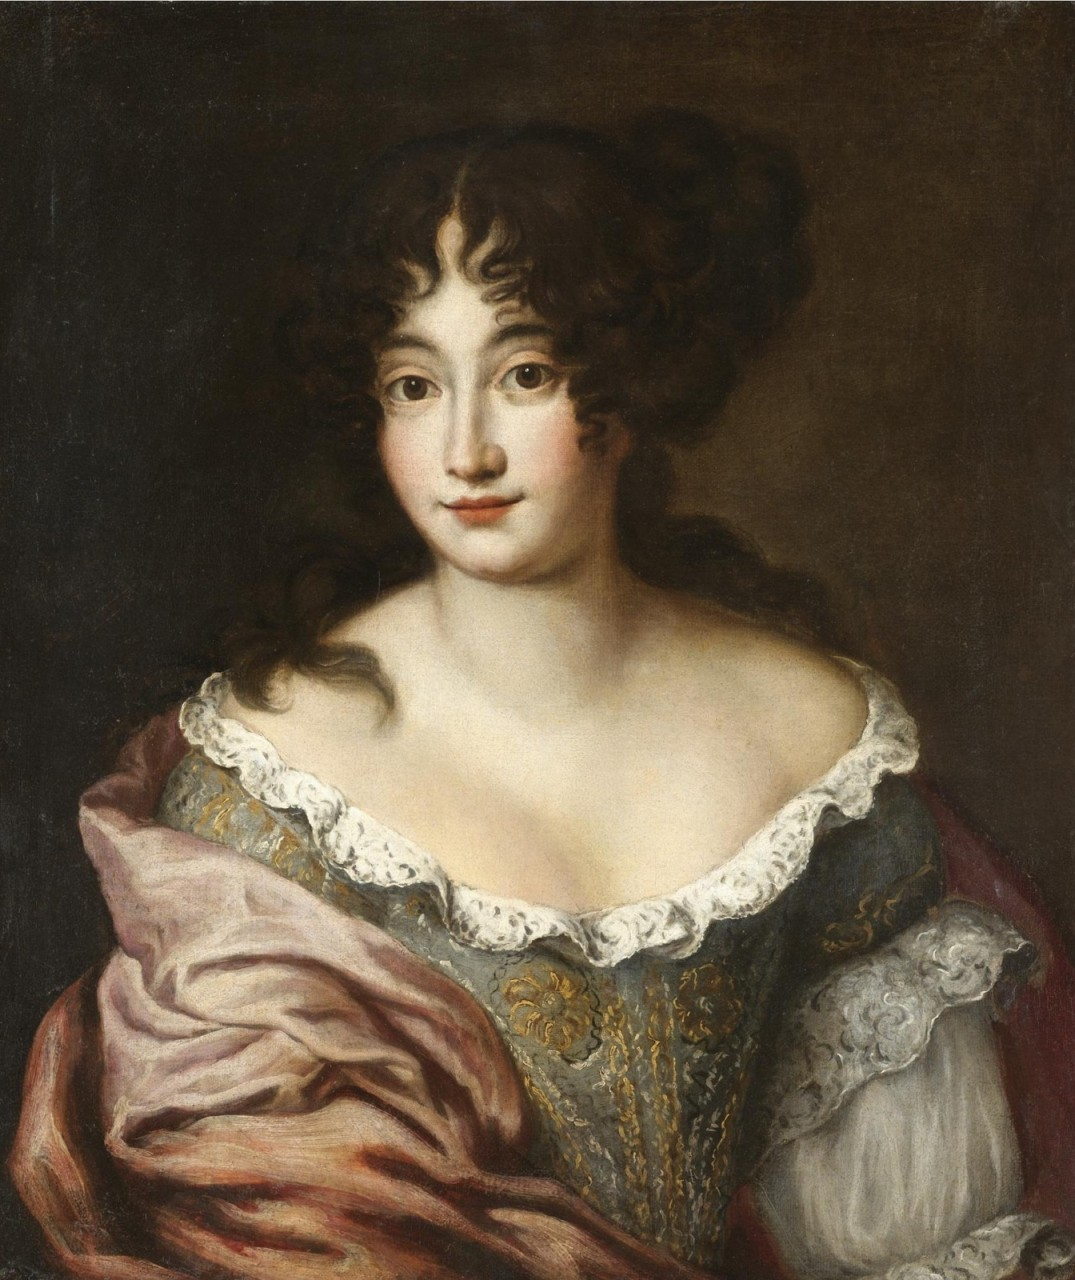 Якоб Фердинанд Фут (Jacob Ferdinand Voet), 1639-1689/1700